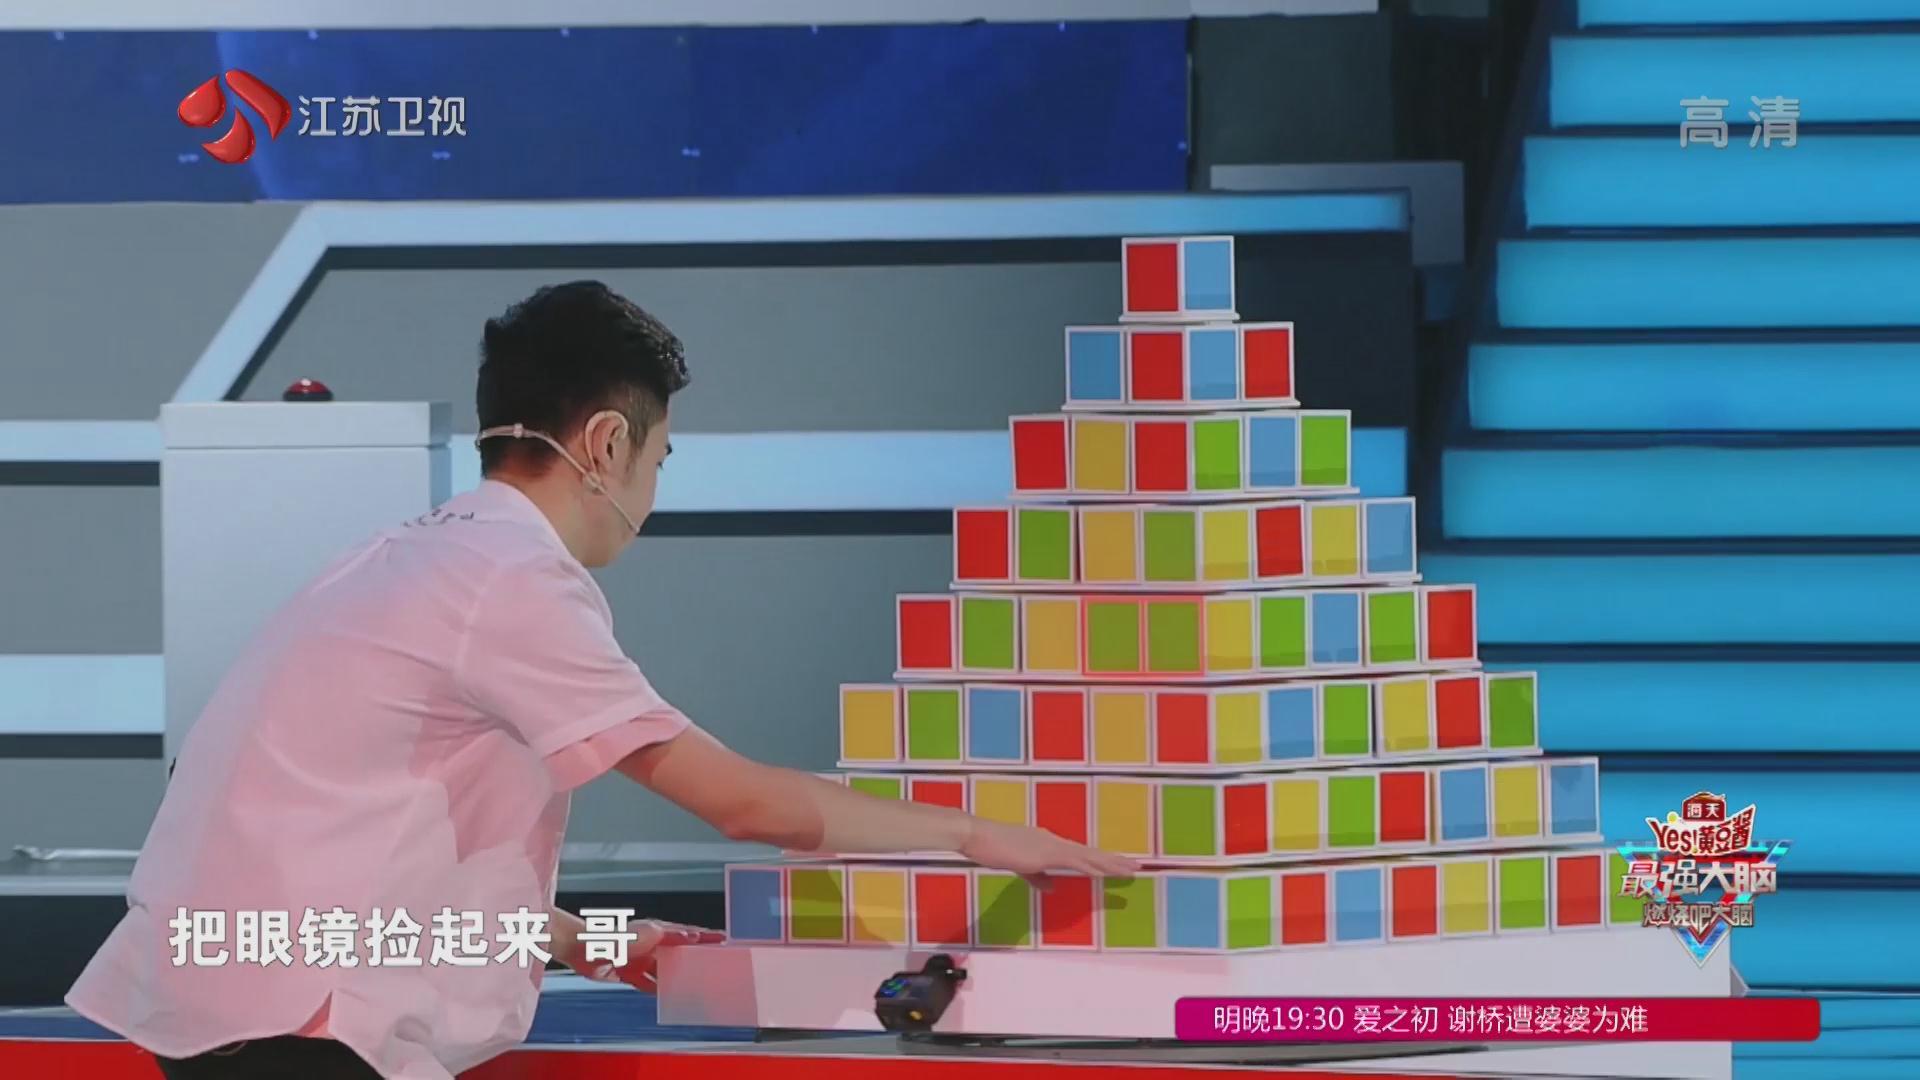 最强大脑:王宇轩没检查出来错误,拍下按钮后直觉可惜